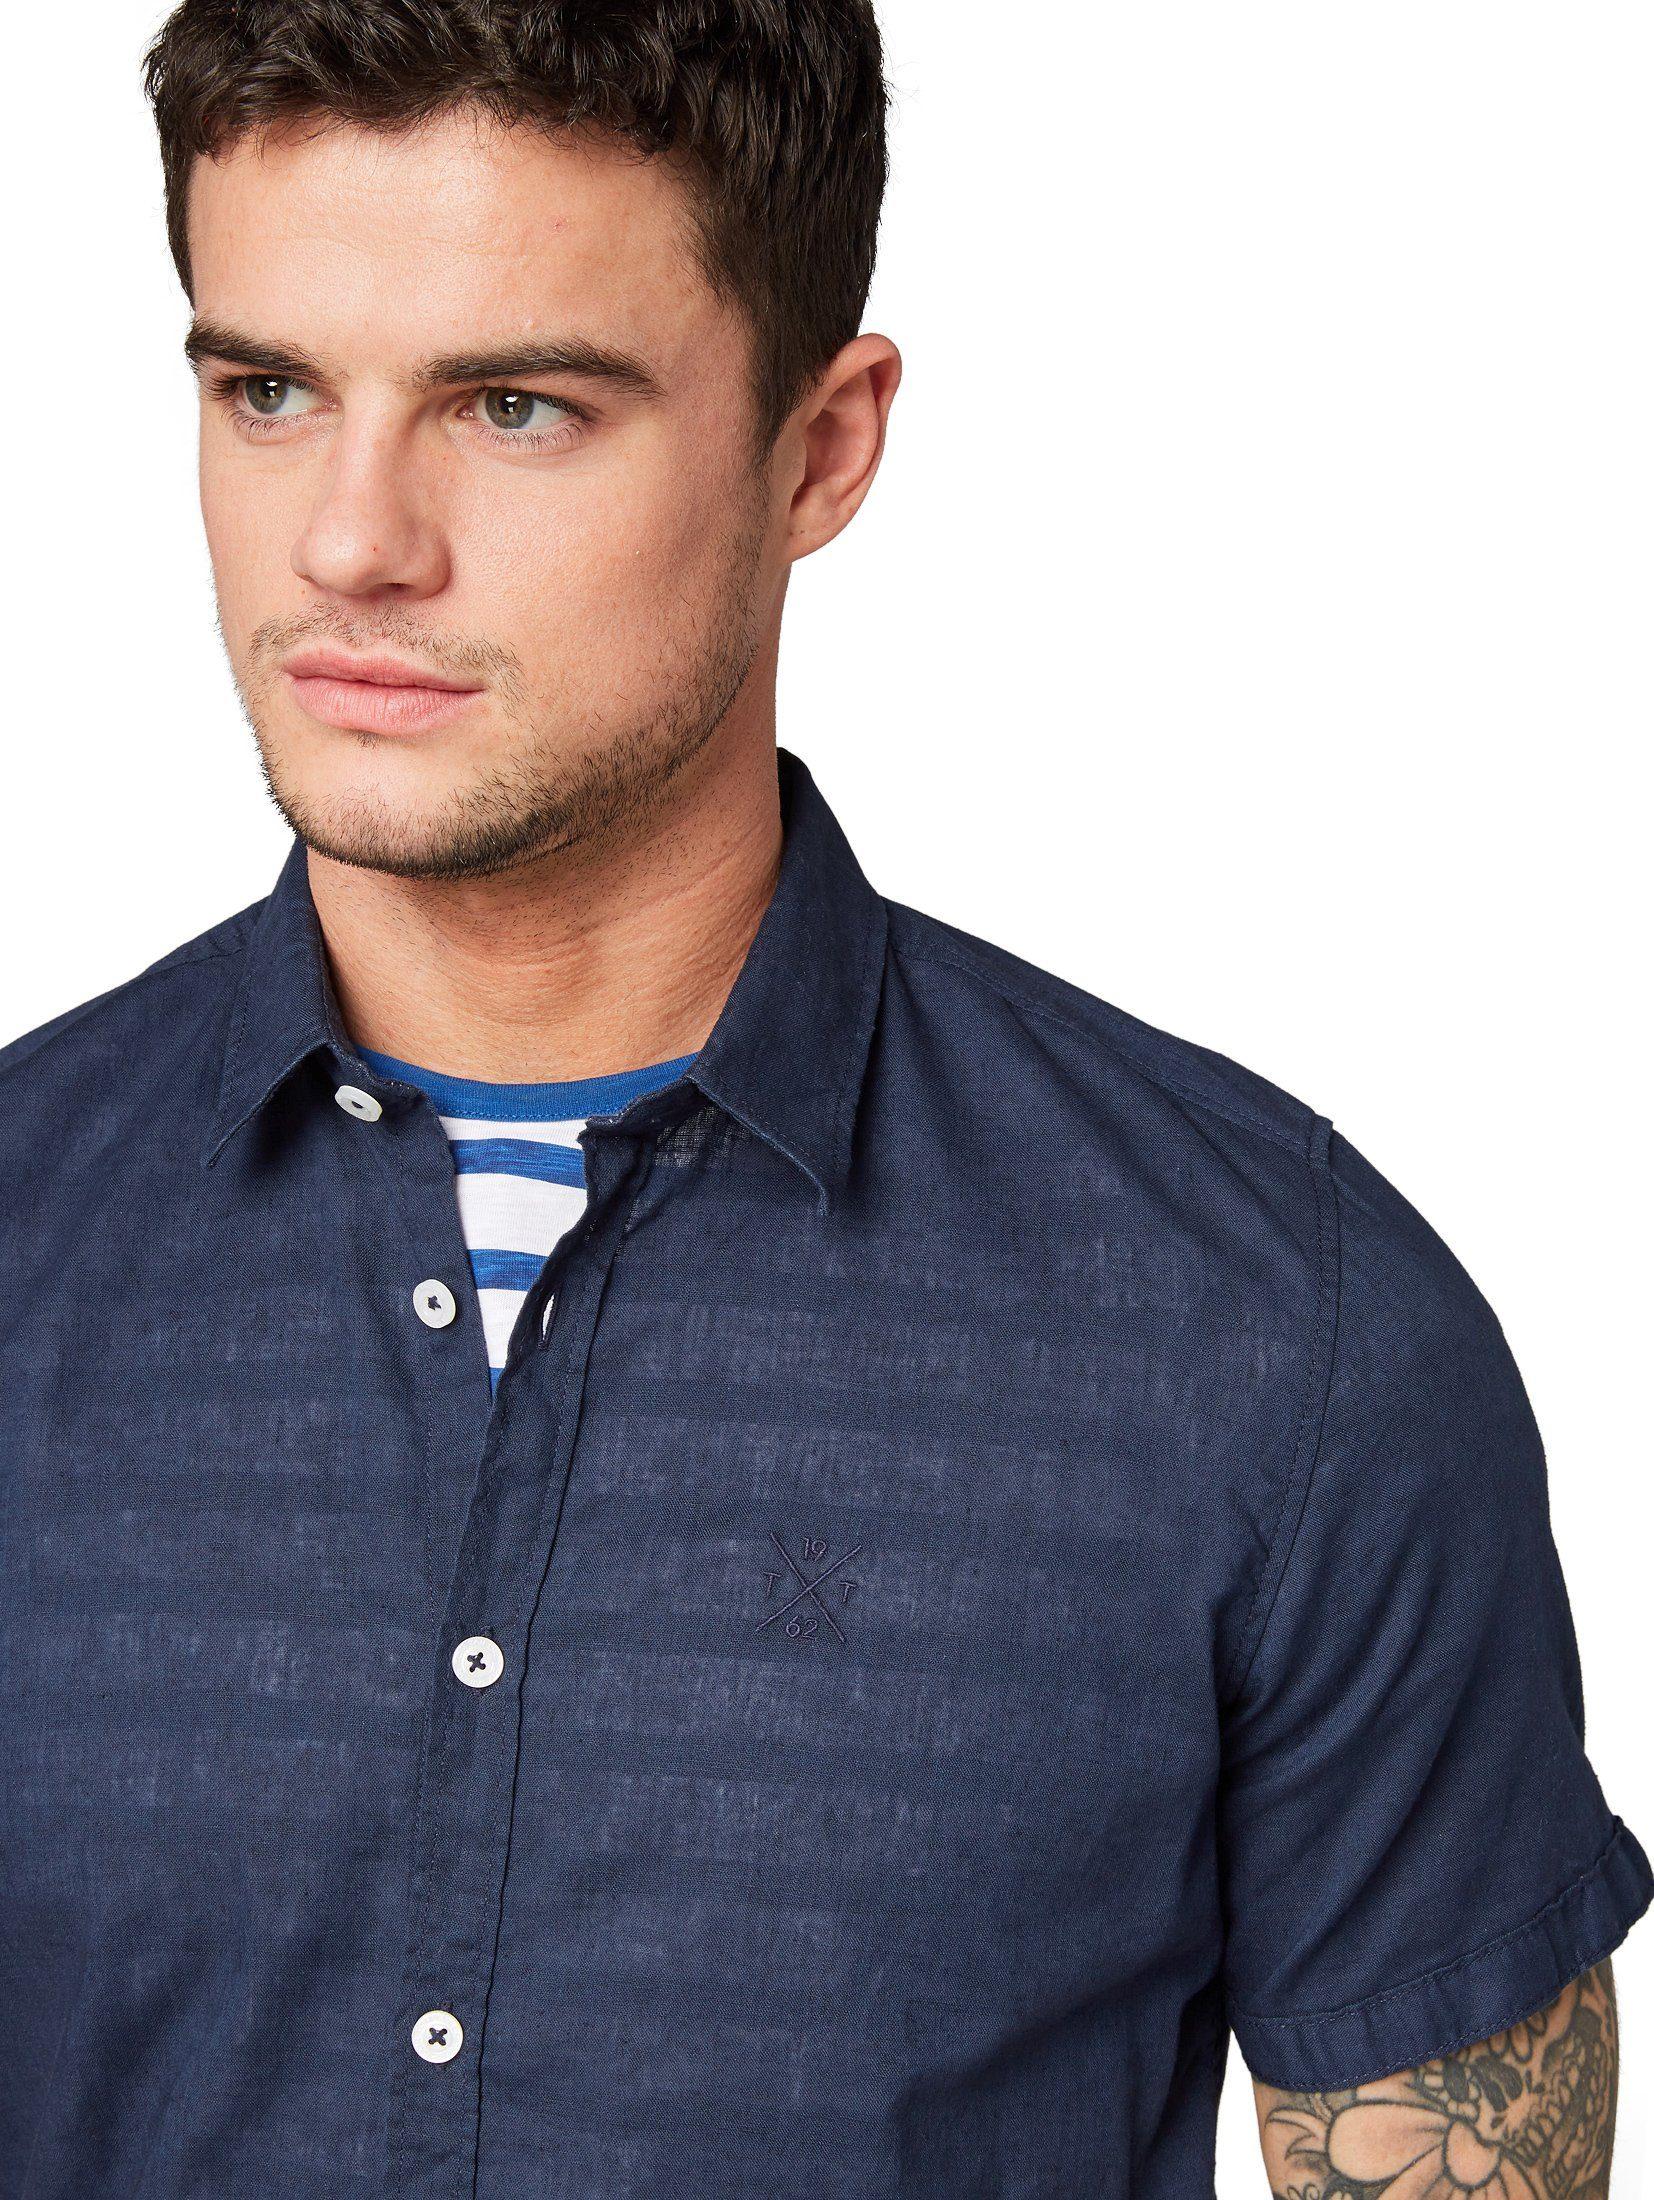 Leinengemisch« Kurzarmhemd Tailor Tom Aus »hemd w7Yq0I